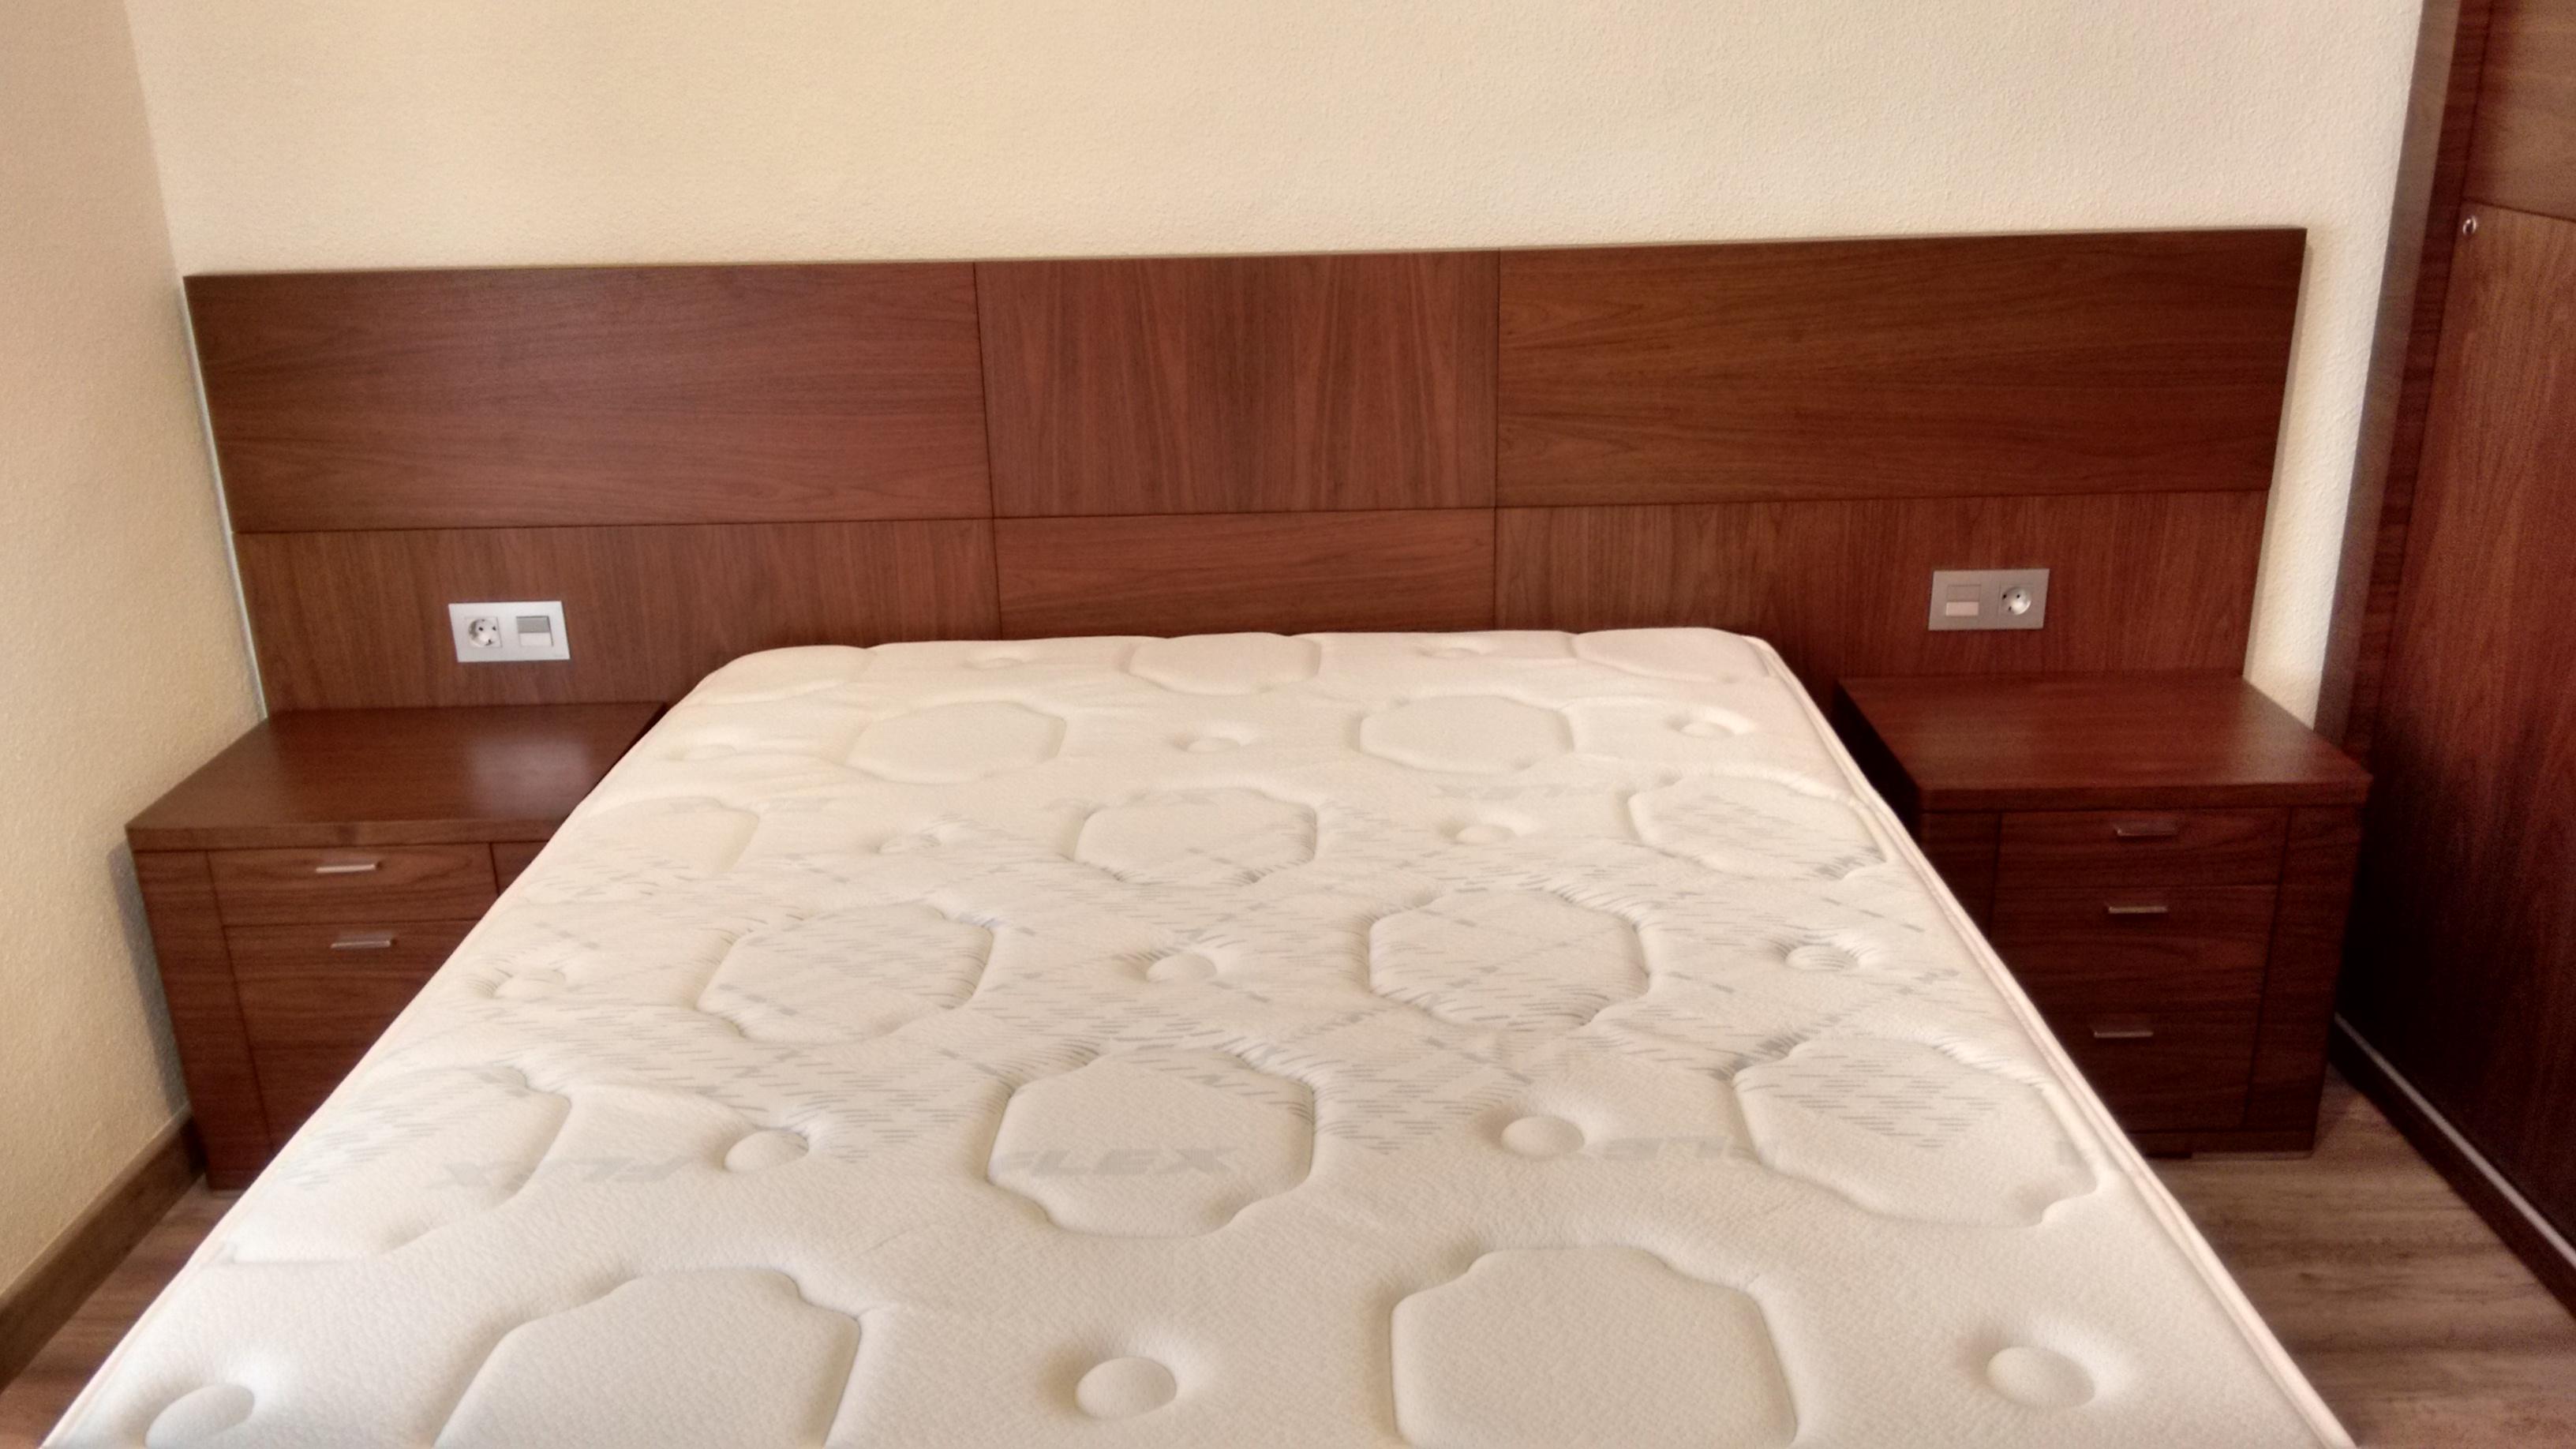 Dormitorio_colchona3